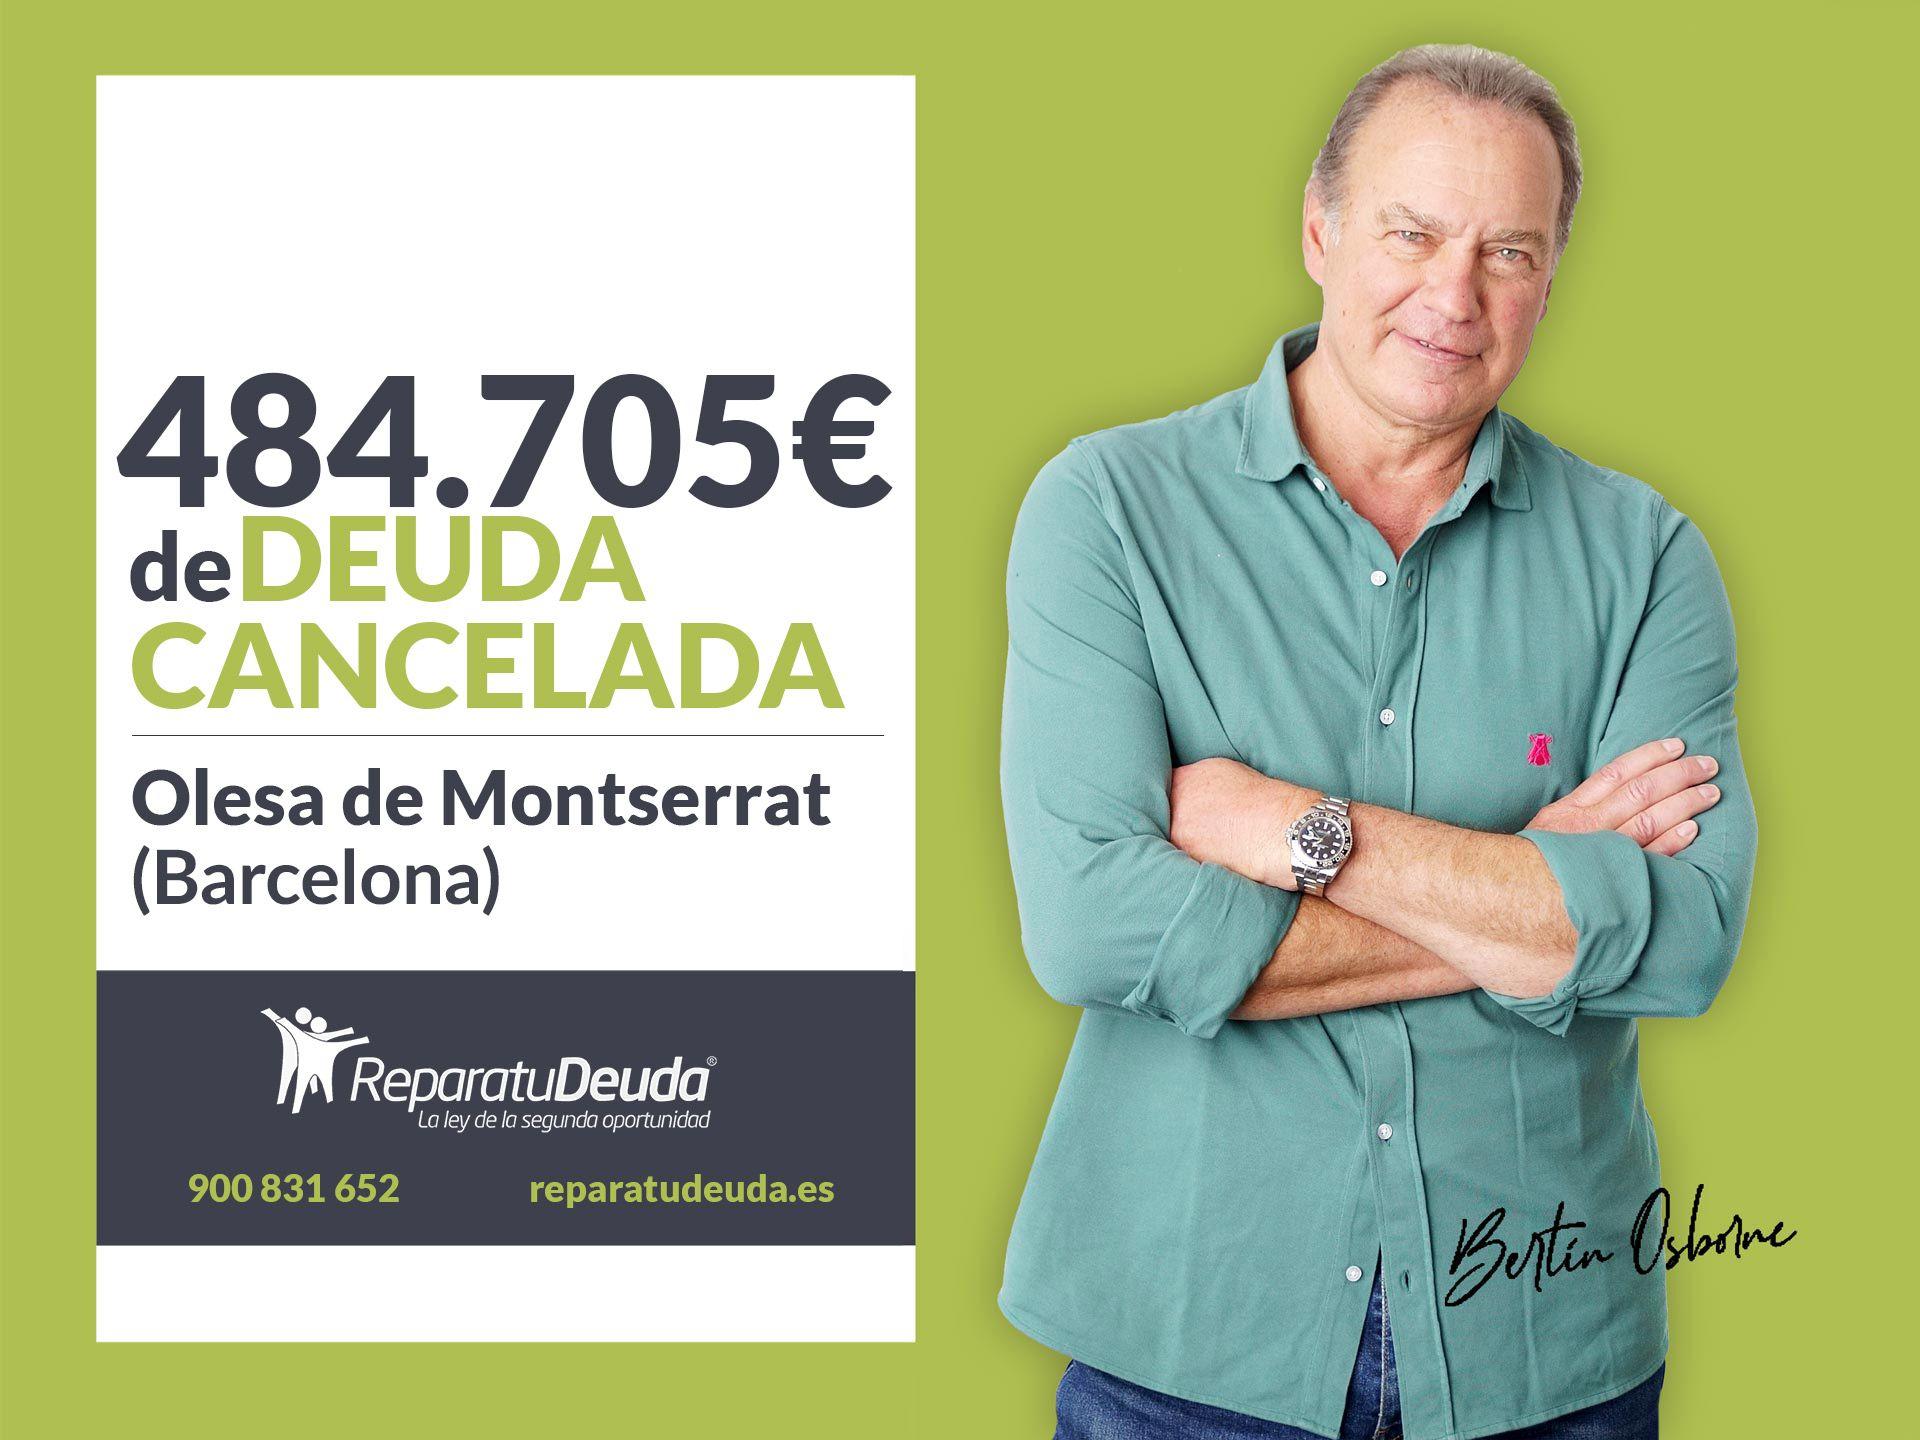 Repara tu Deuda Abogados cancela 484.705 ? en Olesa de Montserrat con la Ley de Segunda Oportunidad